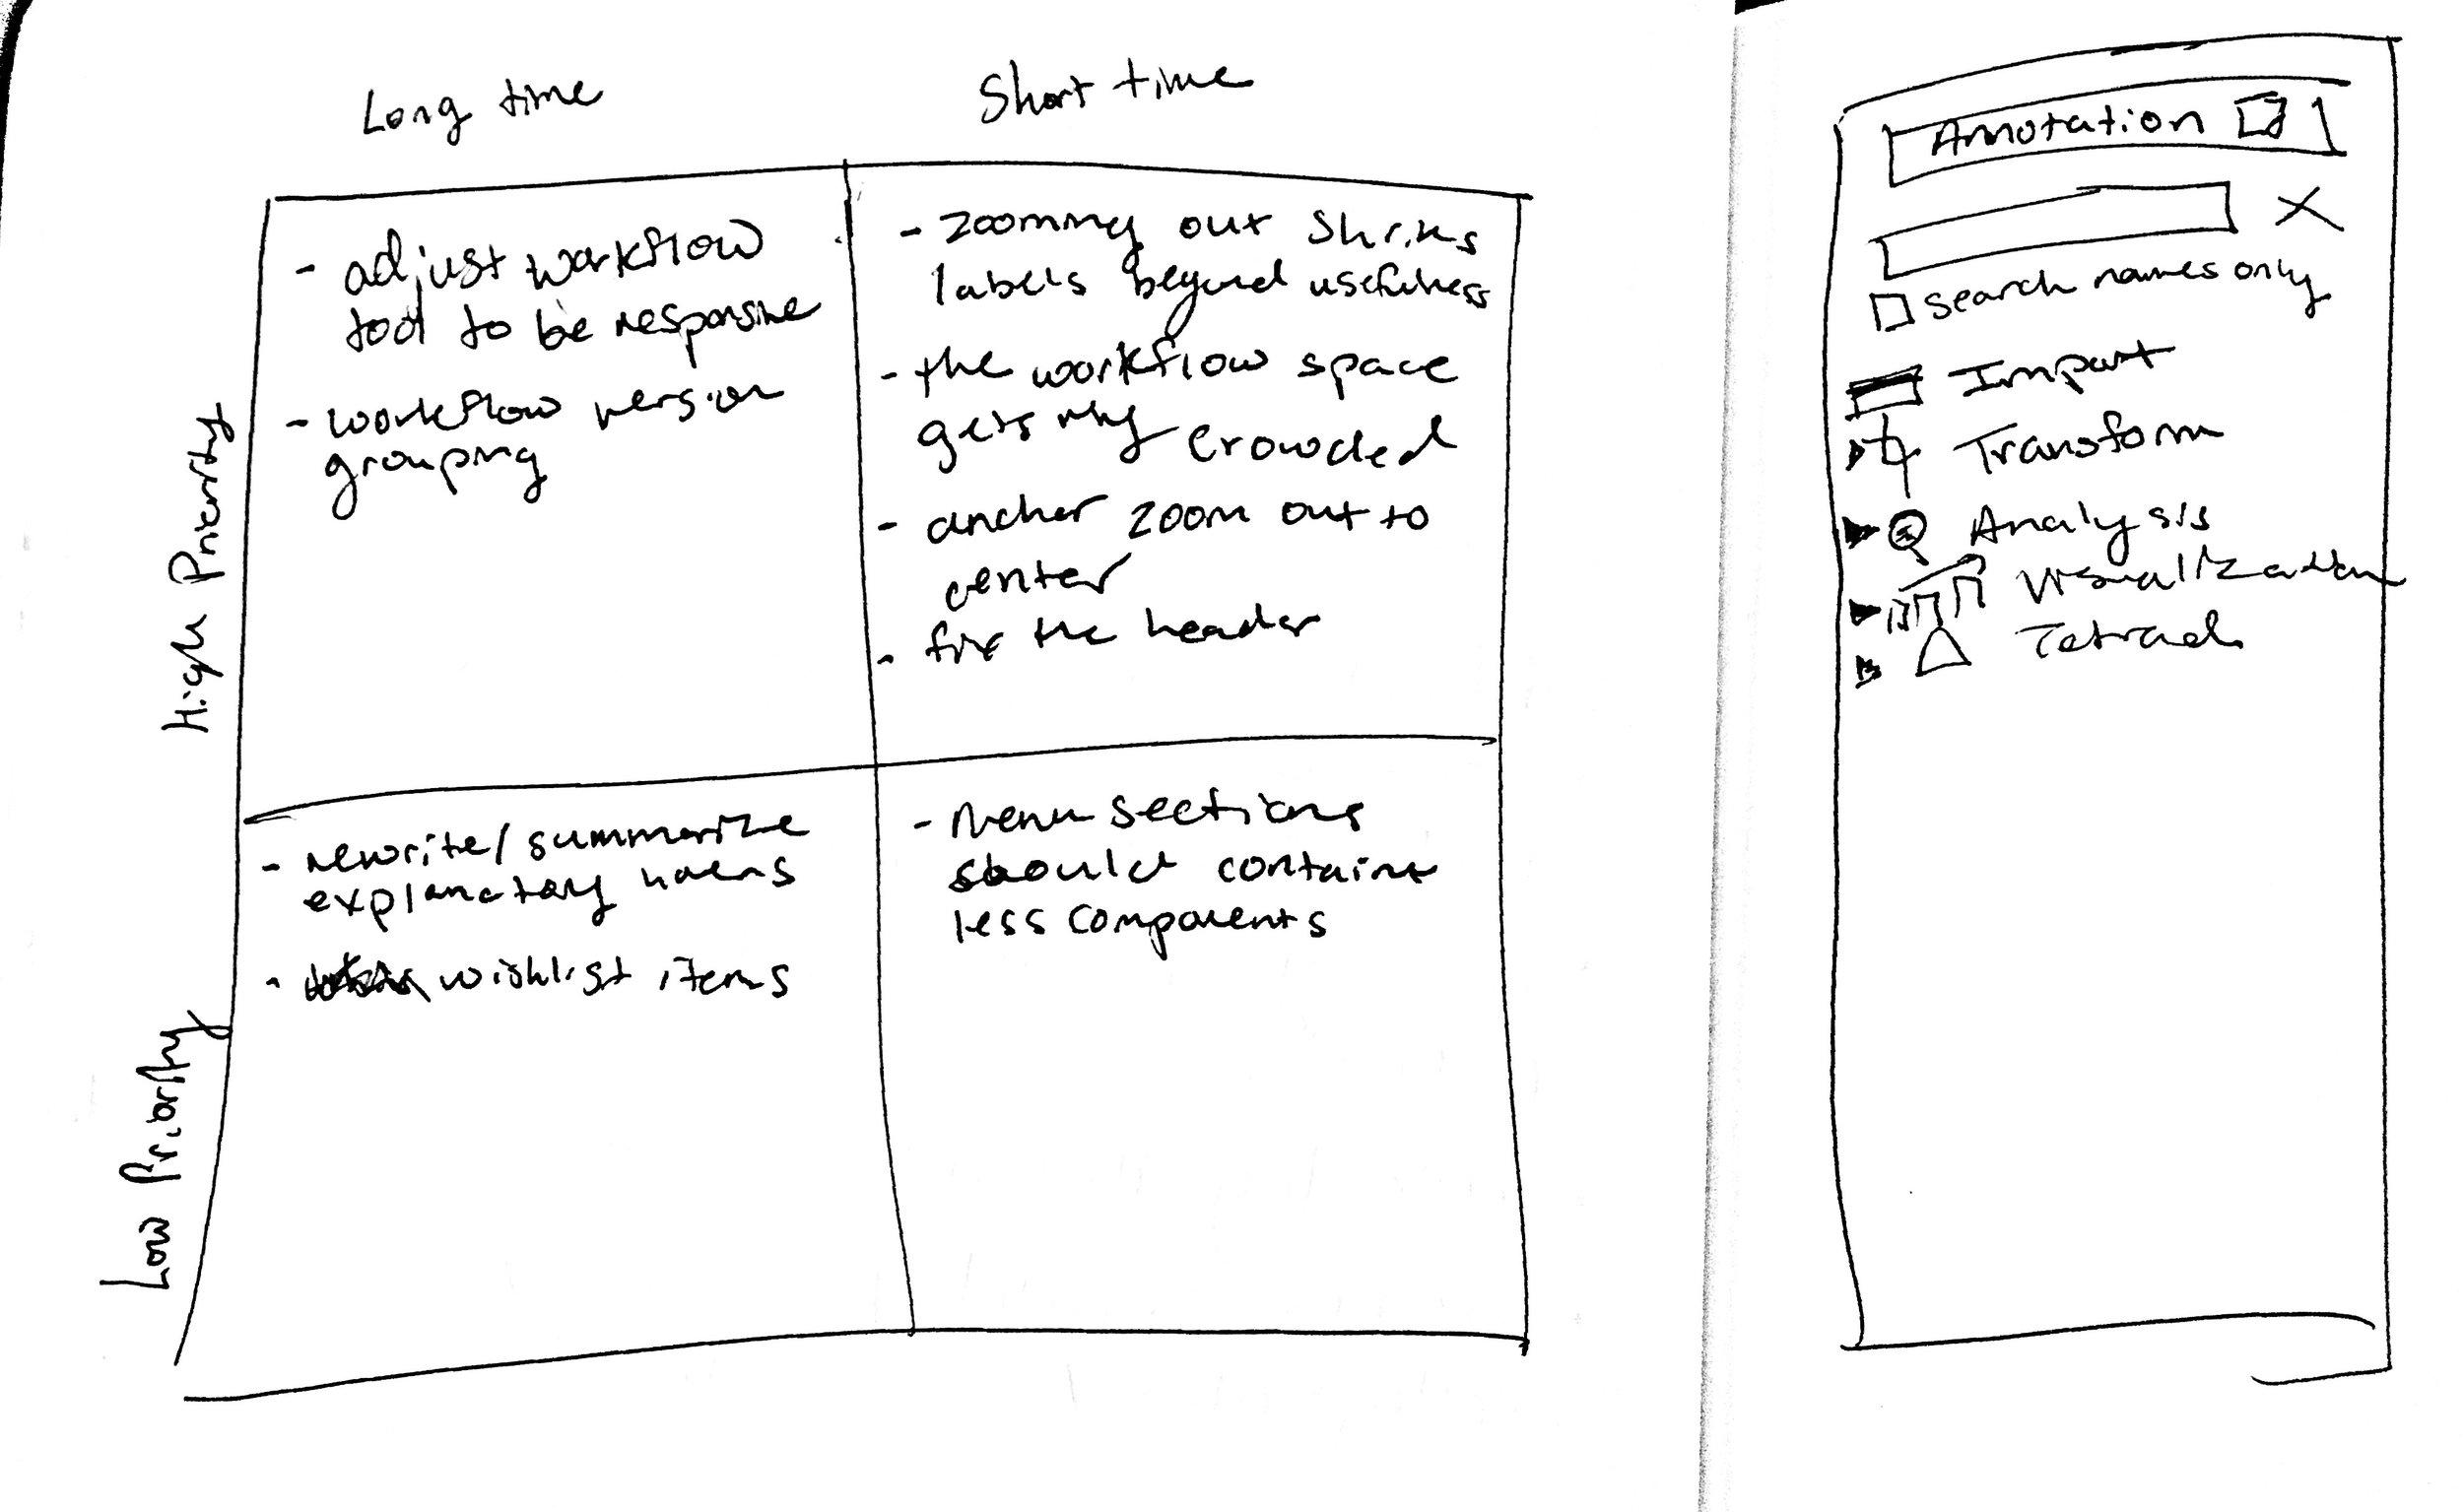 Brainstorming fixes